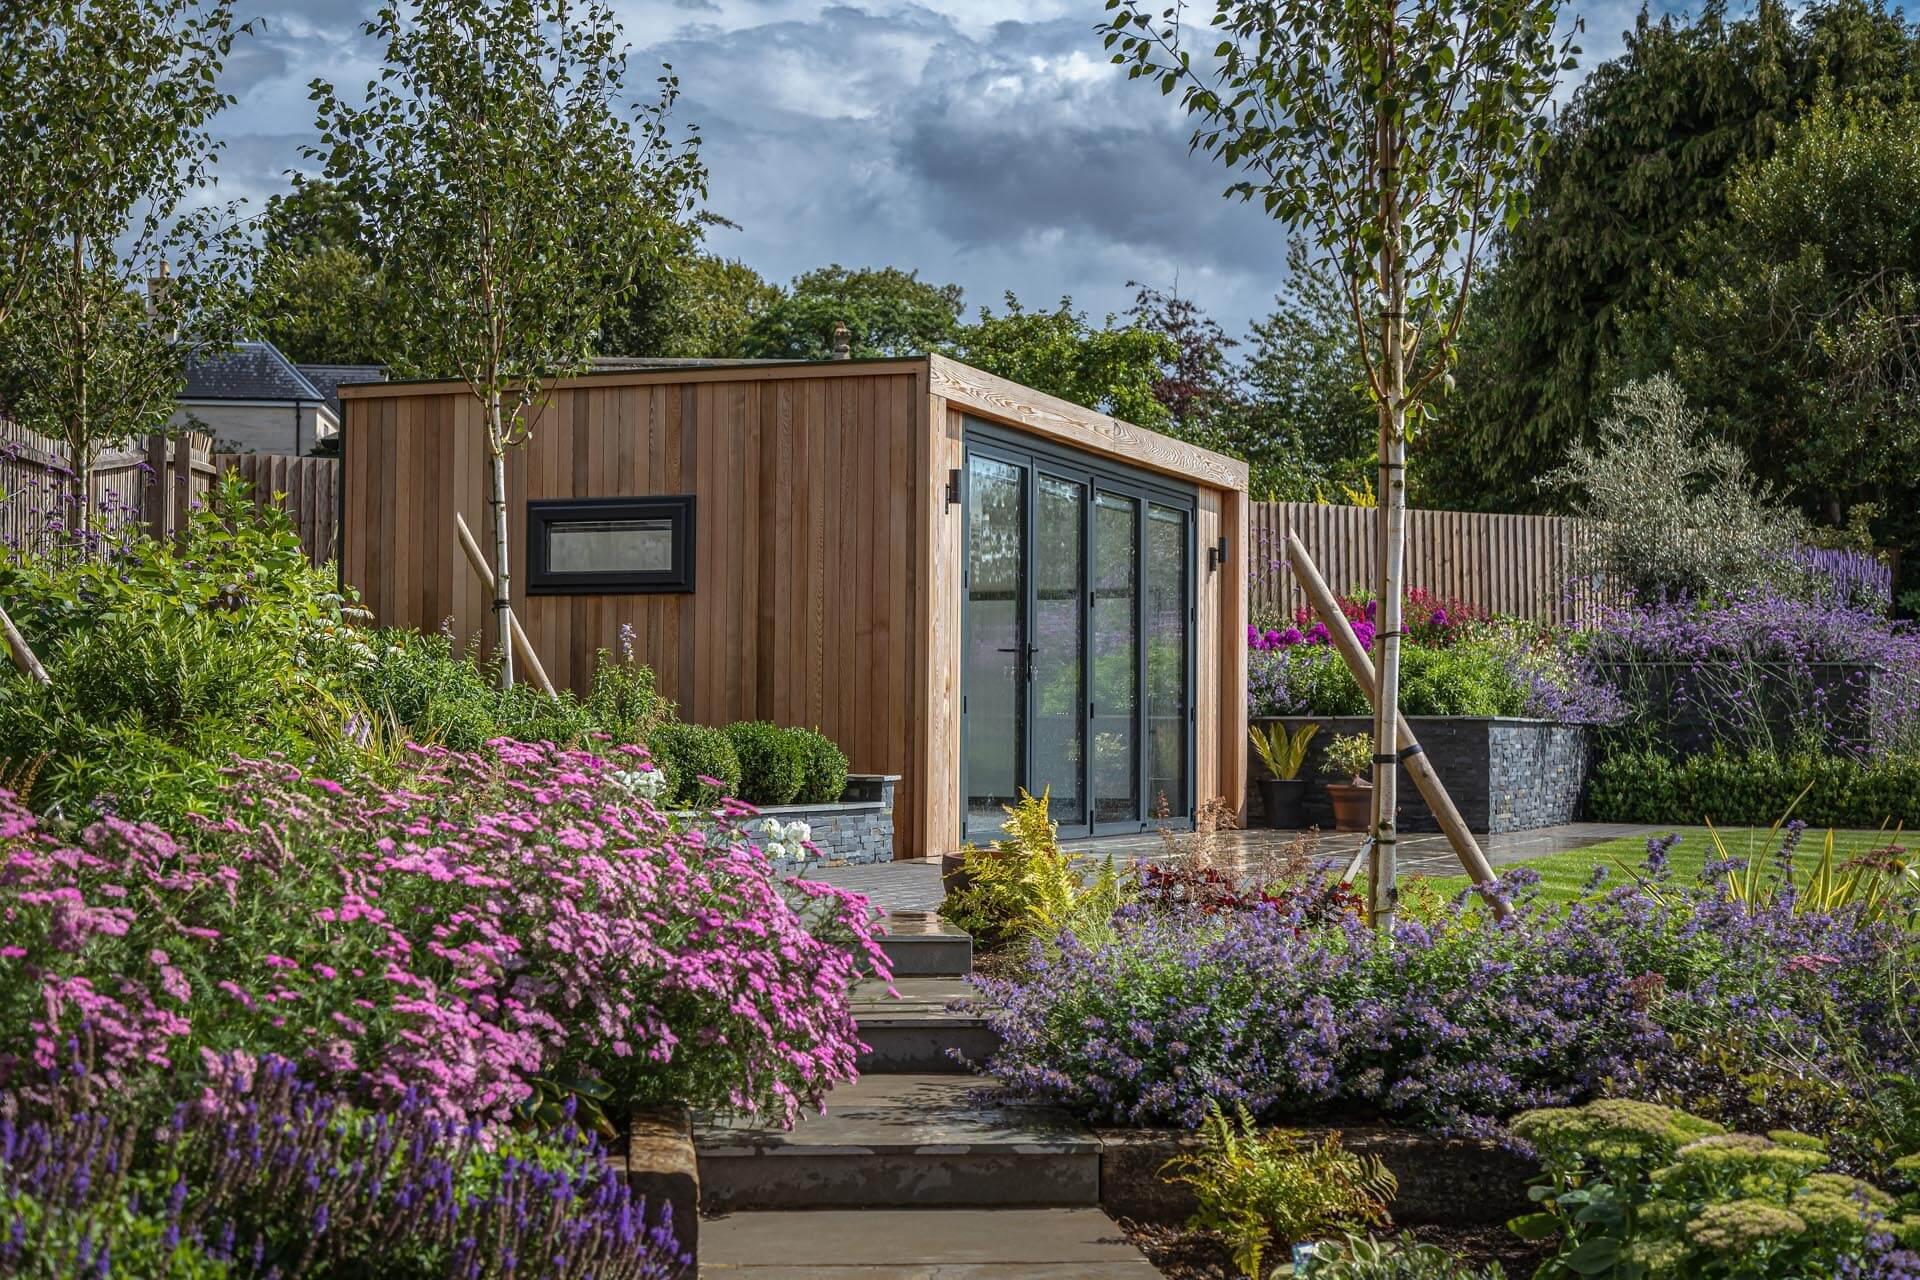 garden room in planted garden